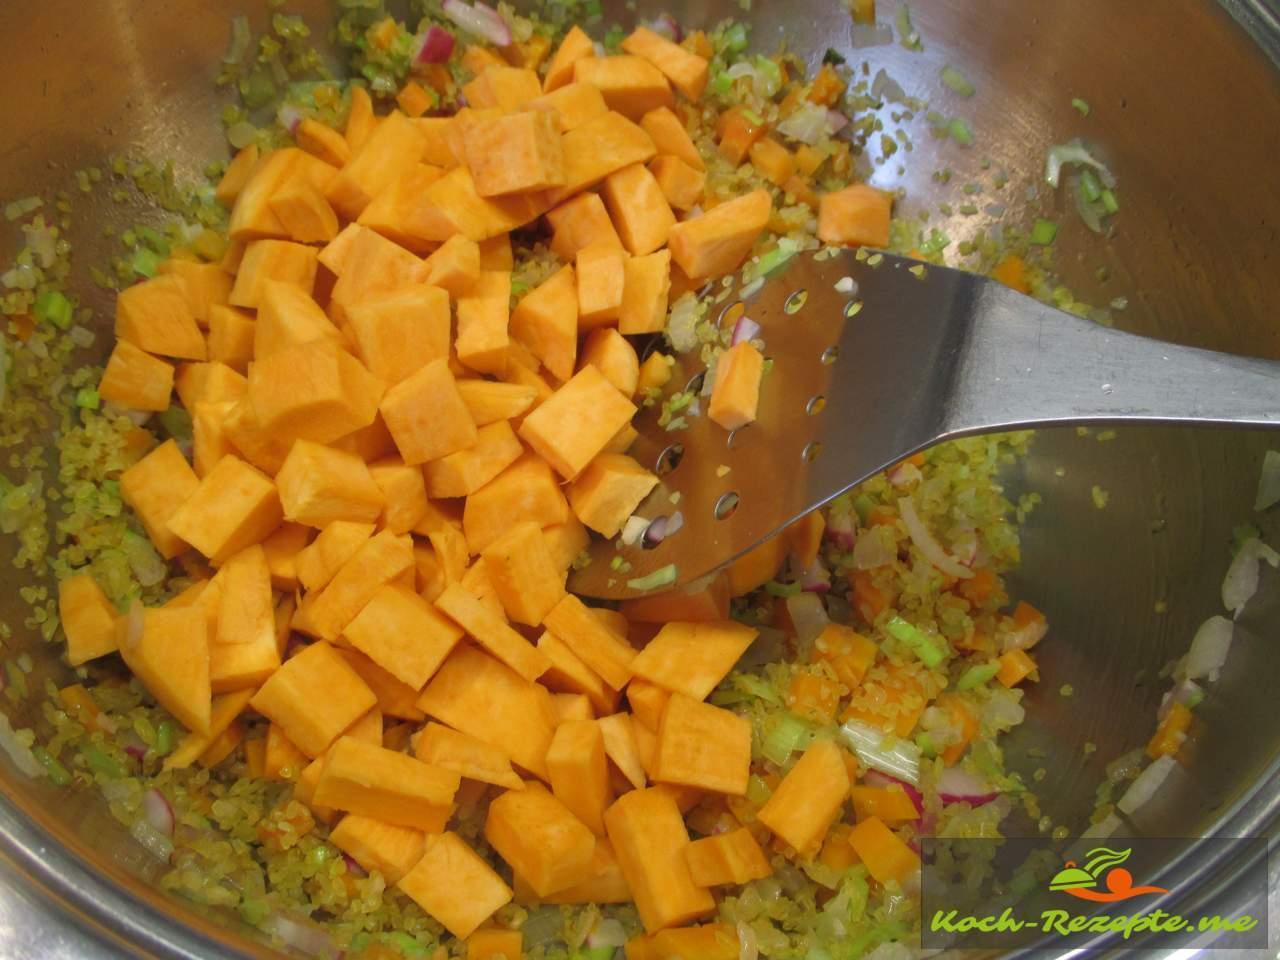 Süßkartoffeln zum Gemüse geben mit Gemüsebrühe aufgießen, würzen